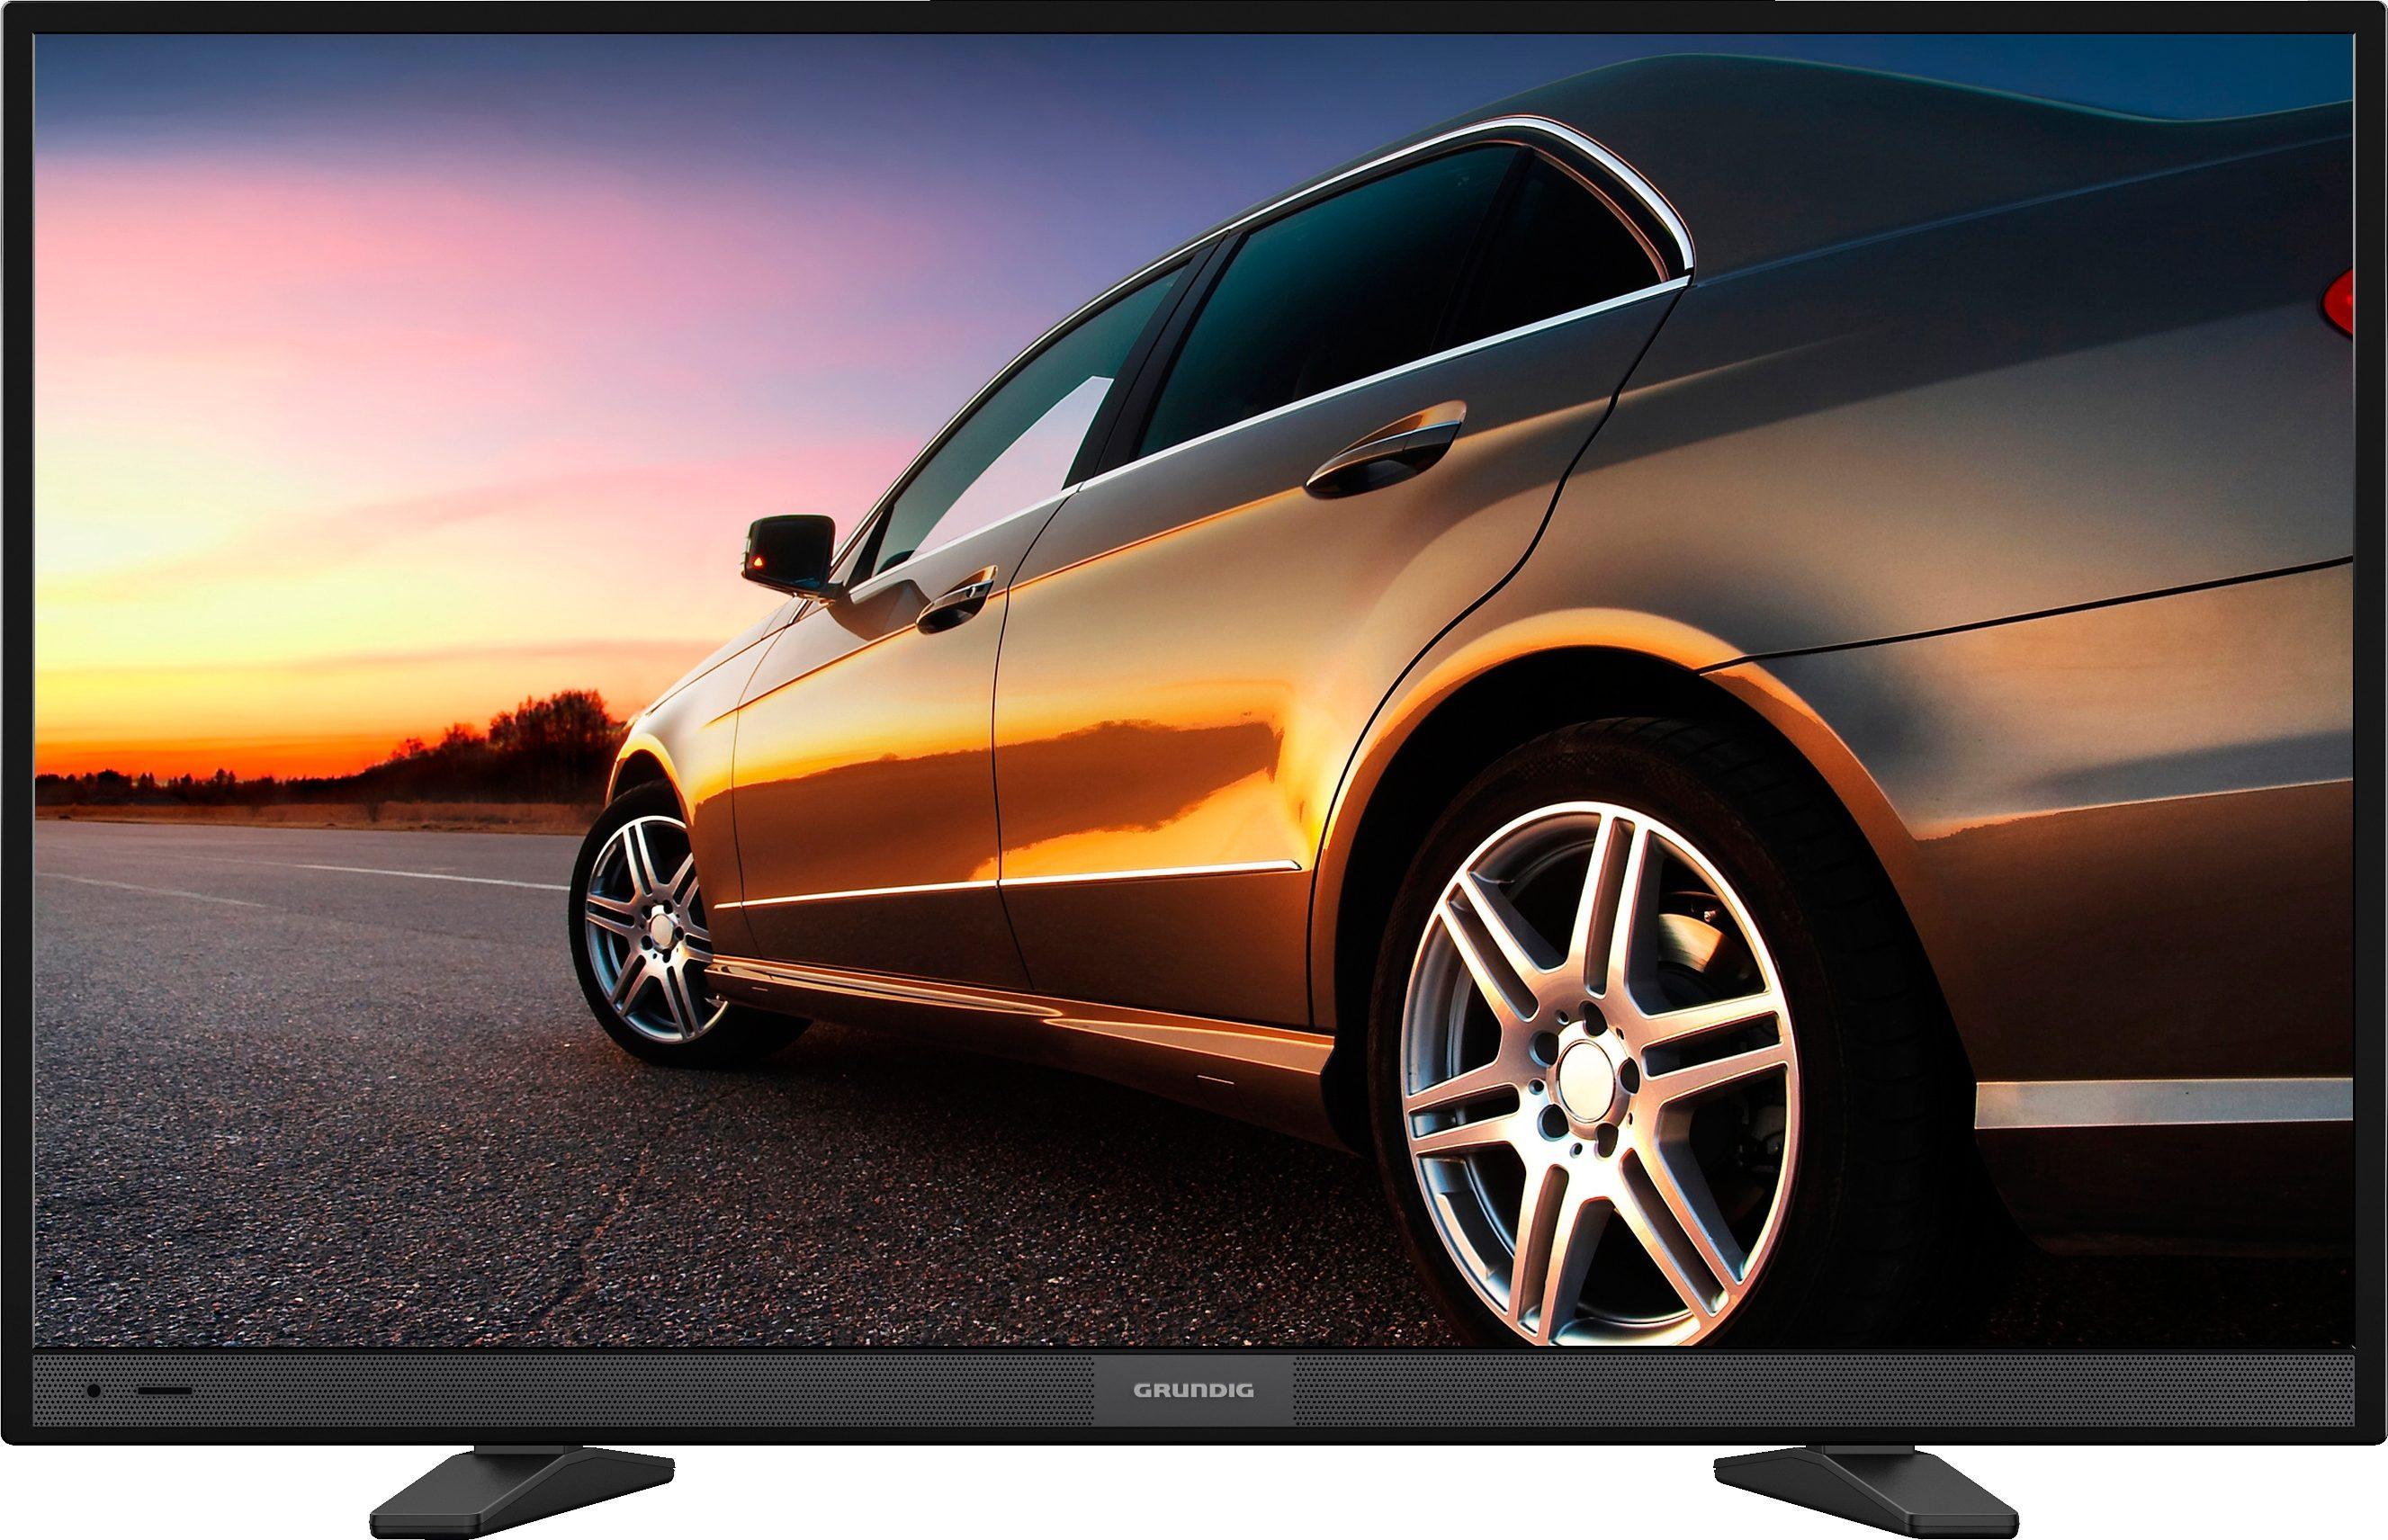 Grundig 48 VLE 6520 BL, LED Fernseher, 121 cm (48 Zoll), 1080p (Full HD), Smart-TV